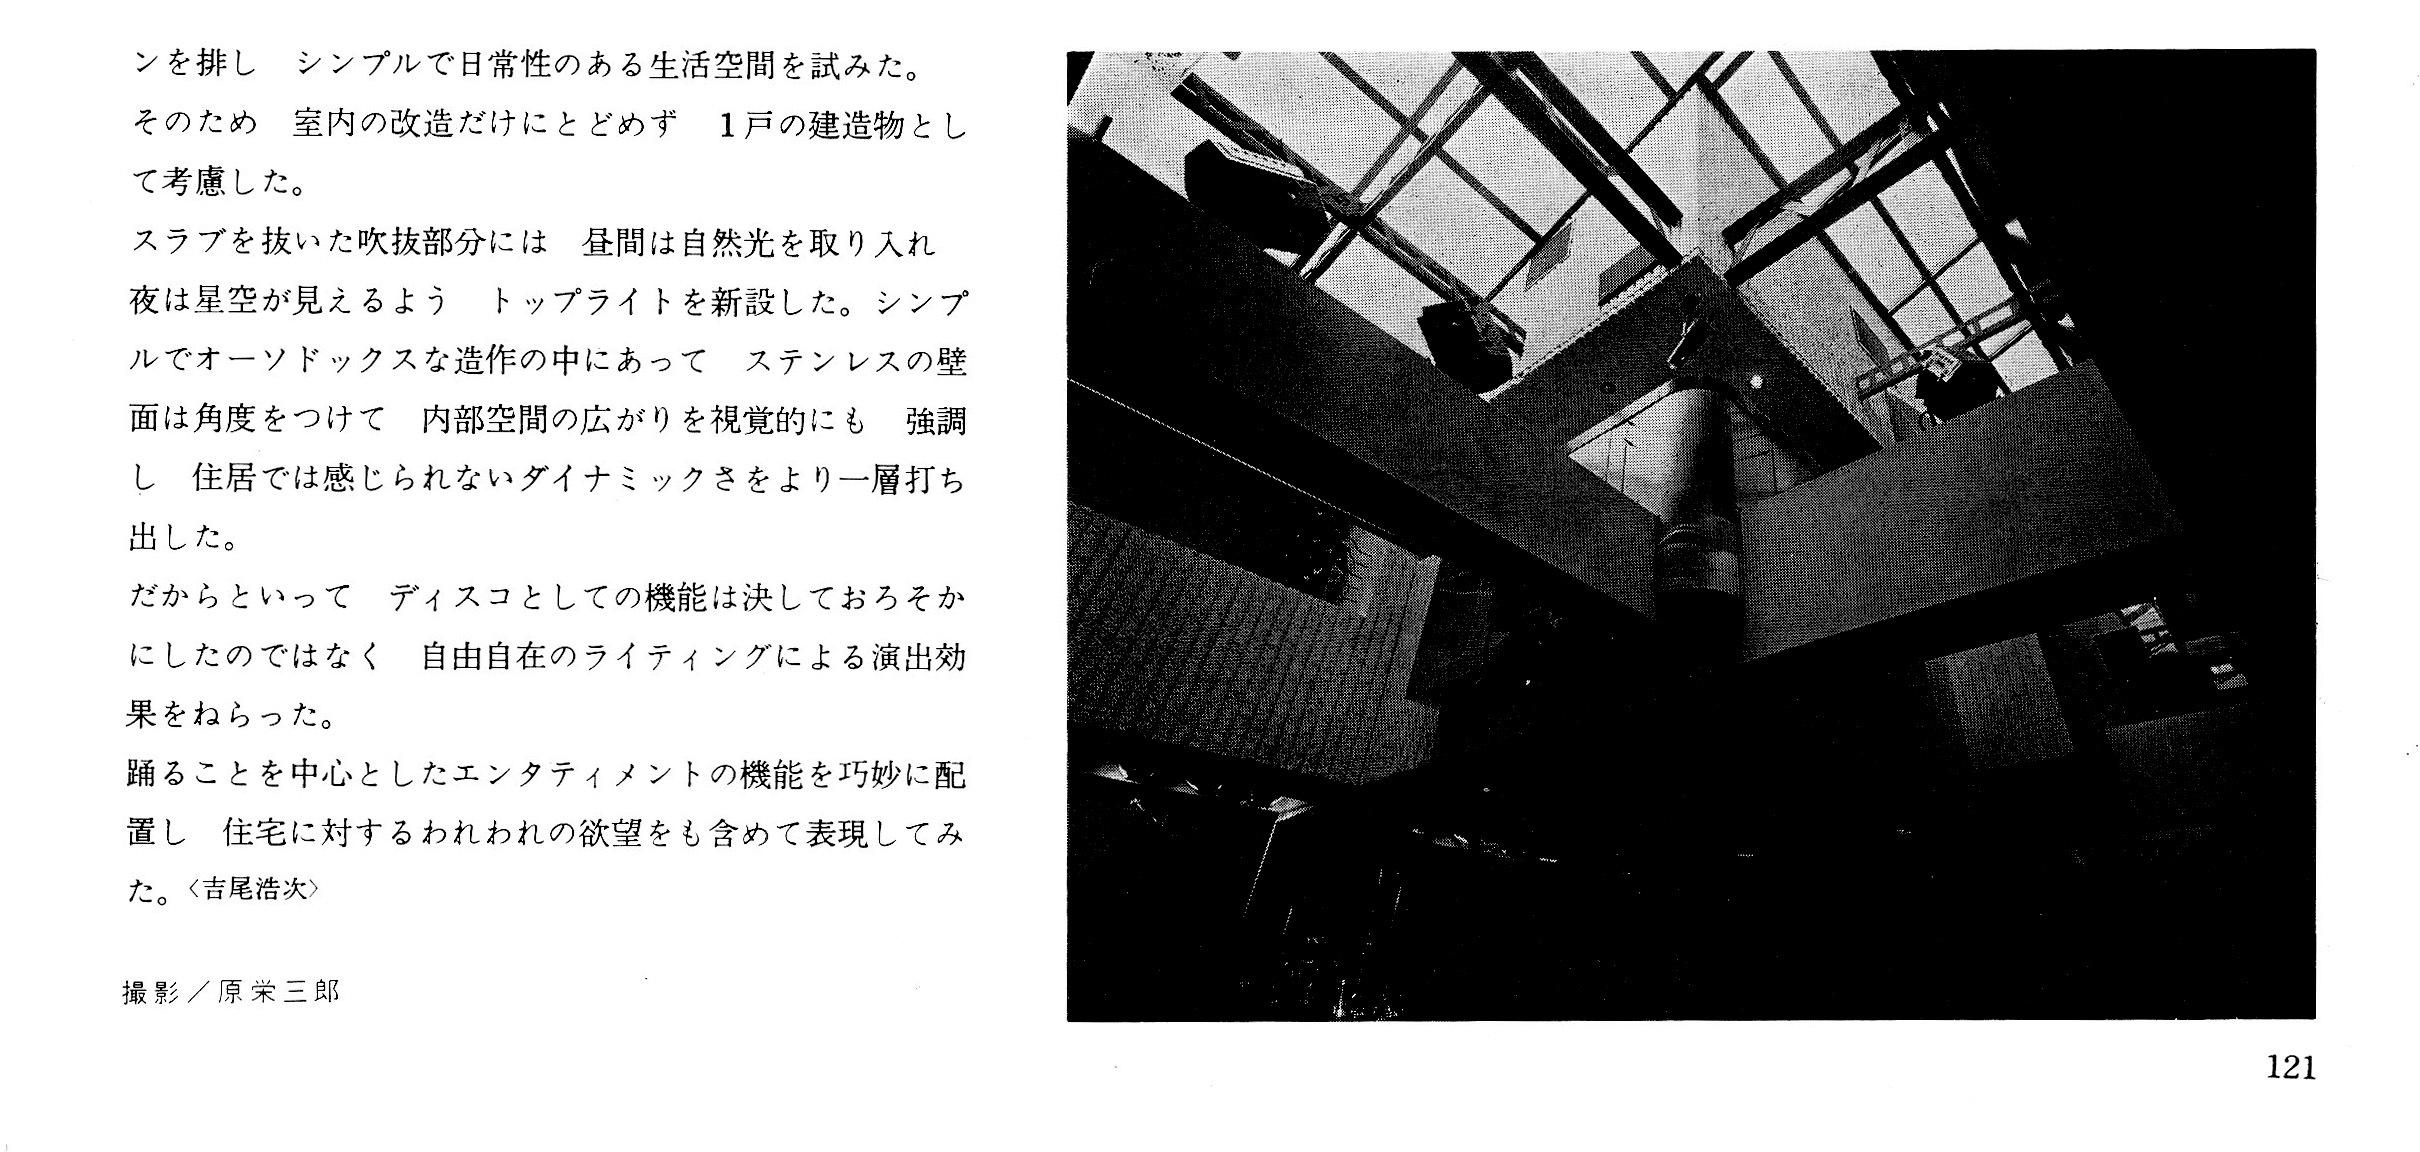 クレ-ジ-ホ-ス 04